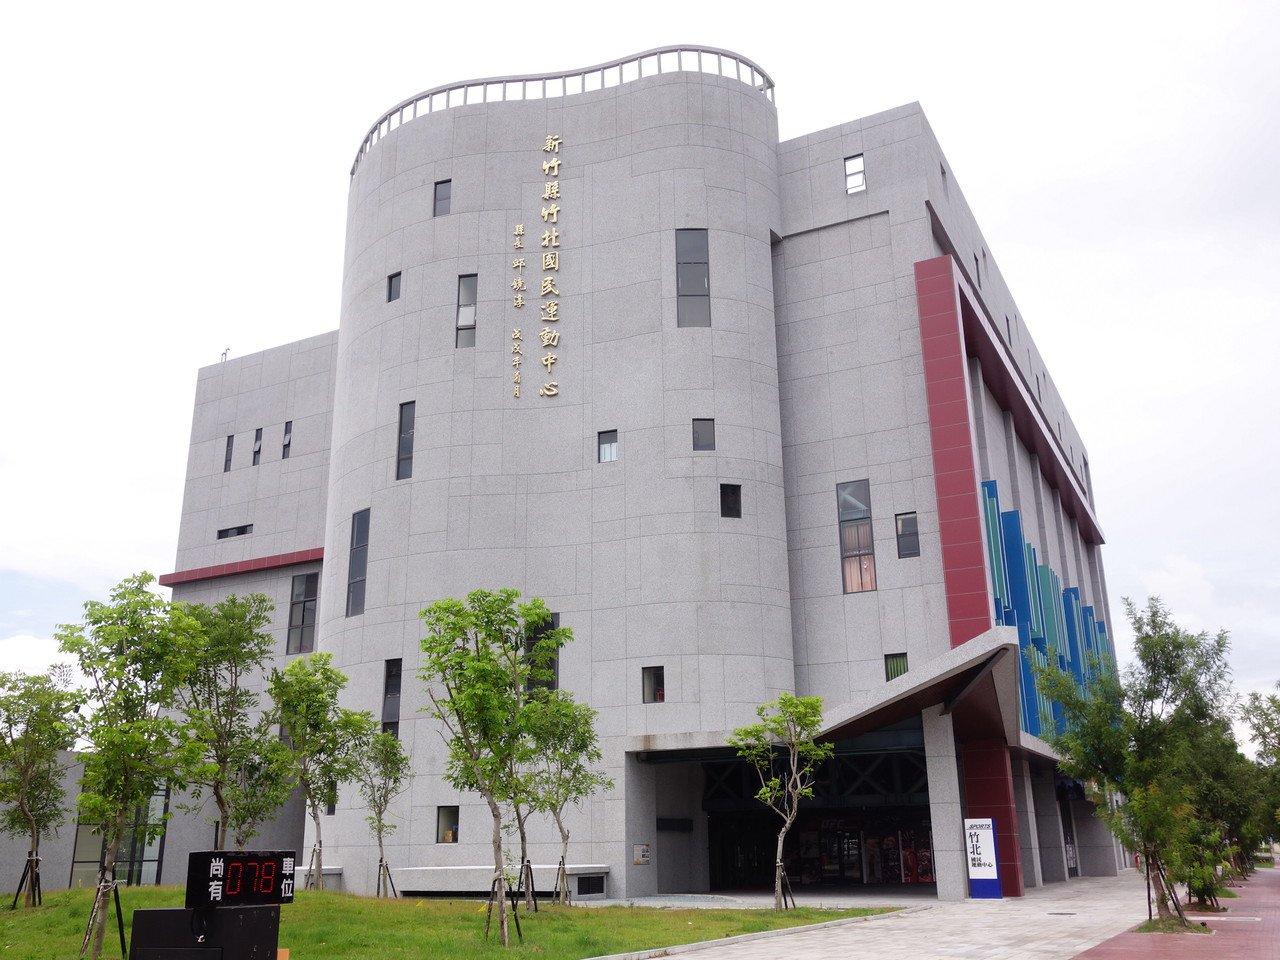 竹北國民運動中心將在9月5日至9月16日展開12天的試營運。記者郭政芬/攝影